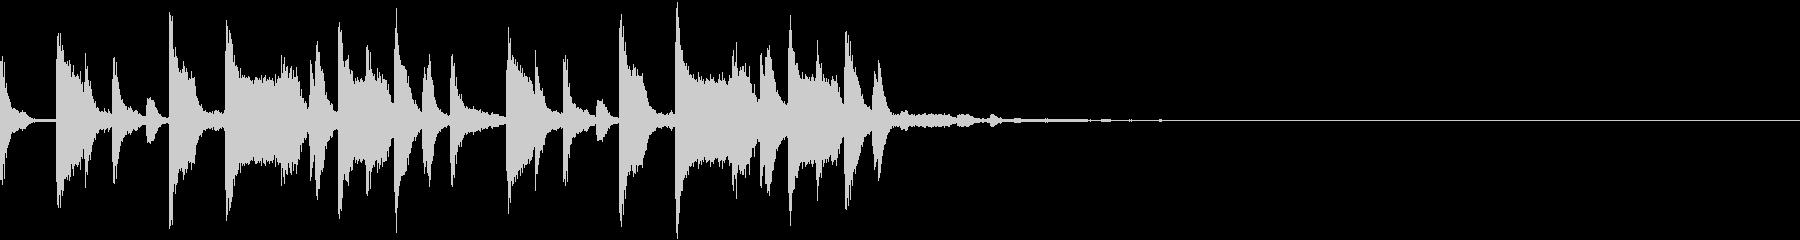 キャッチーなトラップジングルの未再生の波形